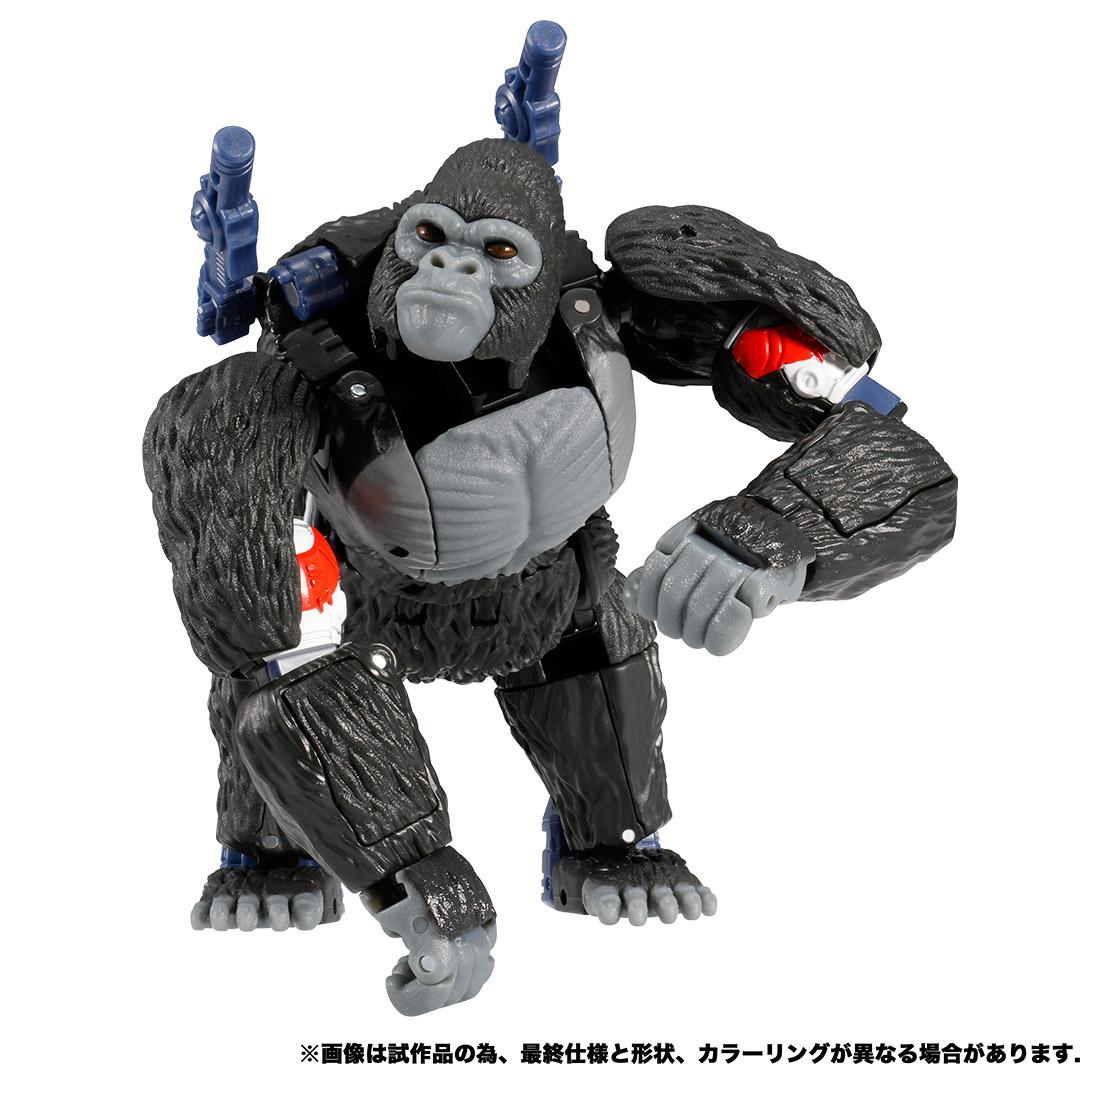 トランスフォーマー キングダム『KD-01 オプティマスプライマル』ビーストウォーズ 可変可動フィギュア-004